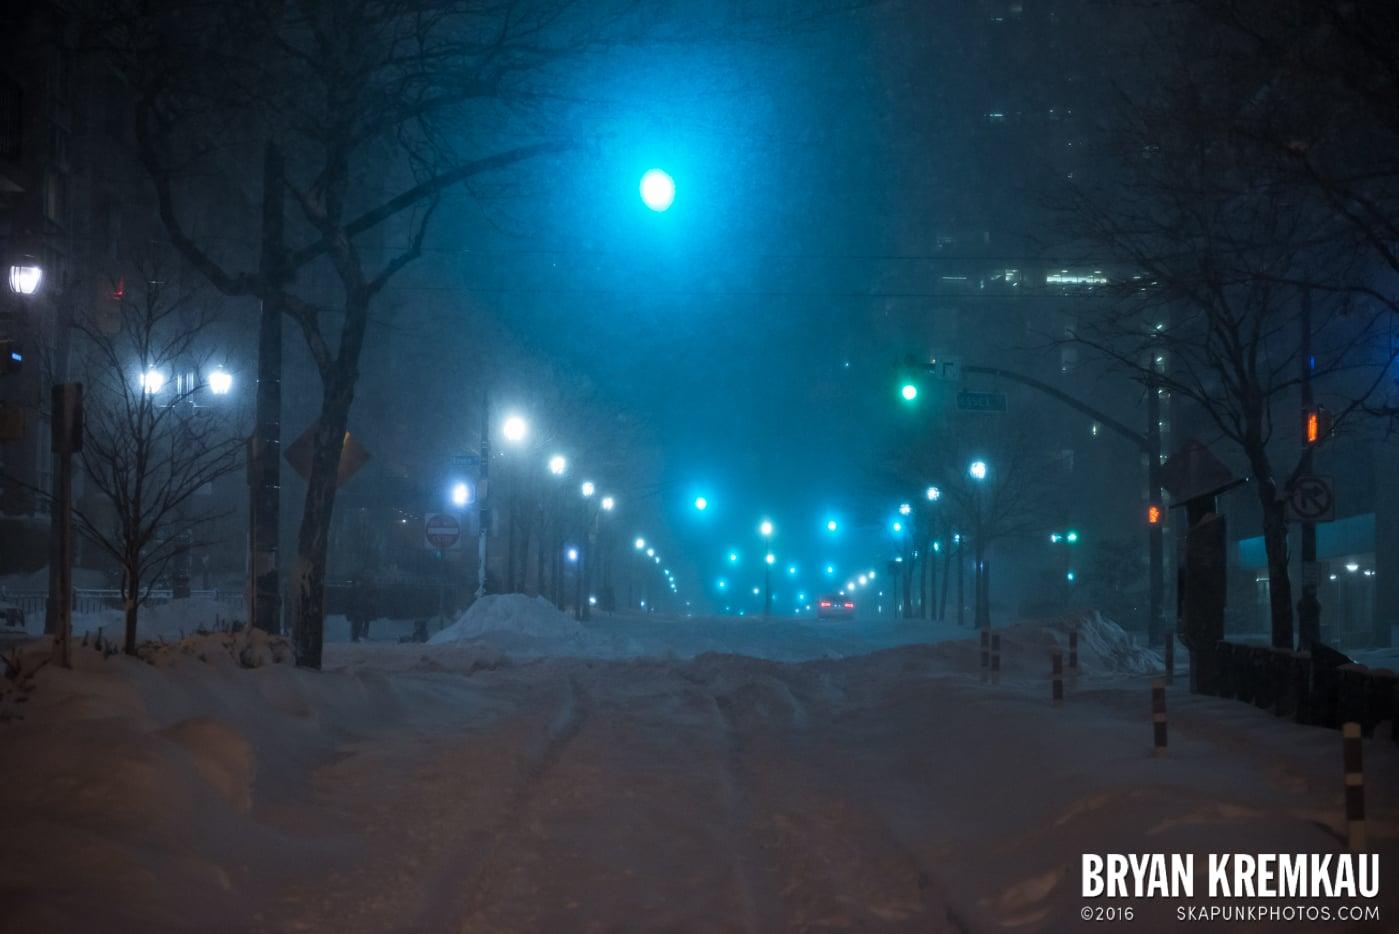 Blizzard 2016 in Jersey City, NJ - 1.23.16 (7)